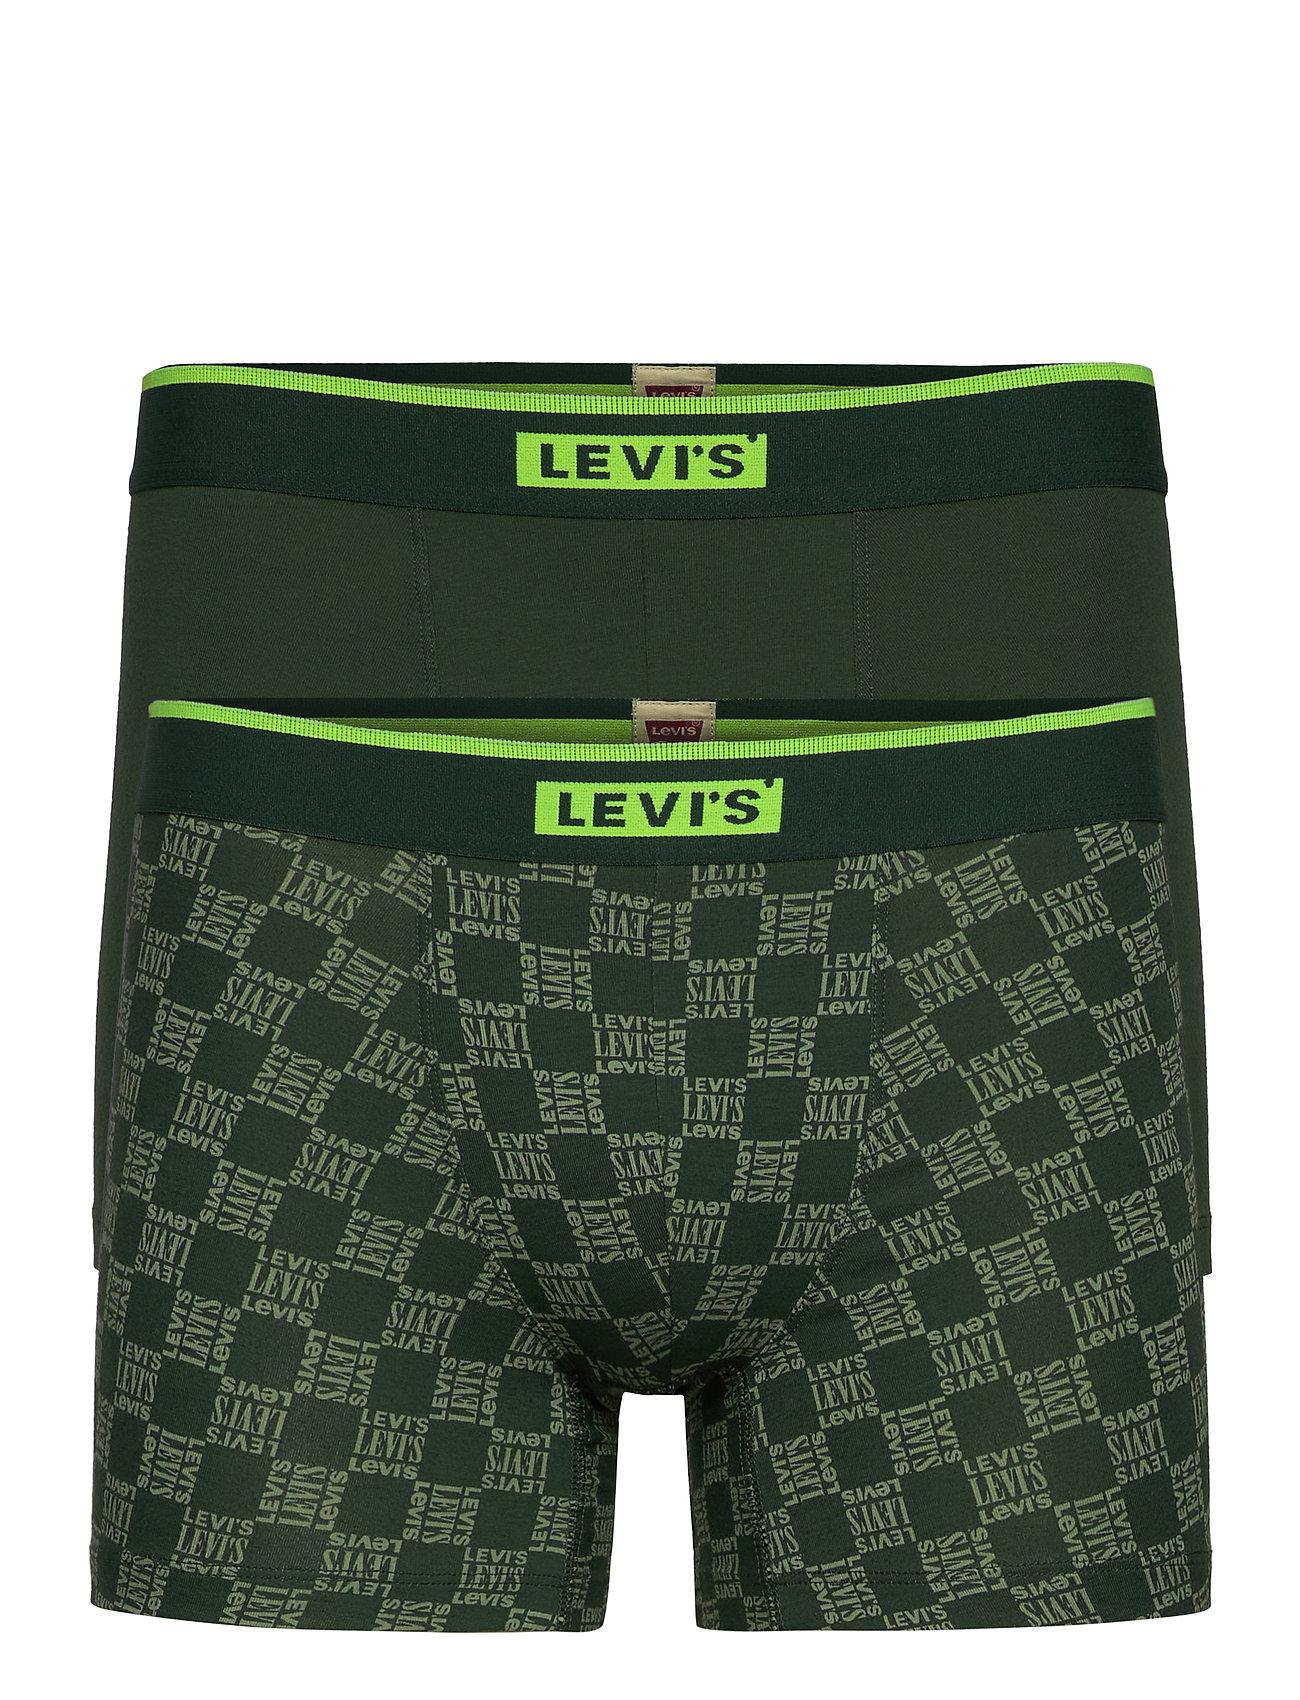 Image of Levis Men Triple Logo Aop Neon Boxe Boxershorts Grøn Levi´s (3453135777)